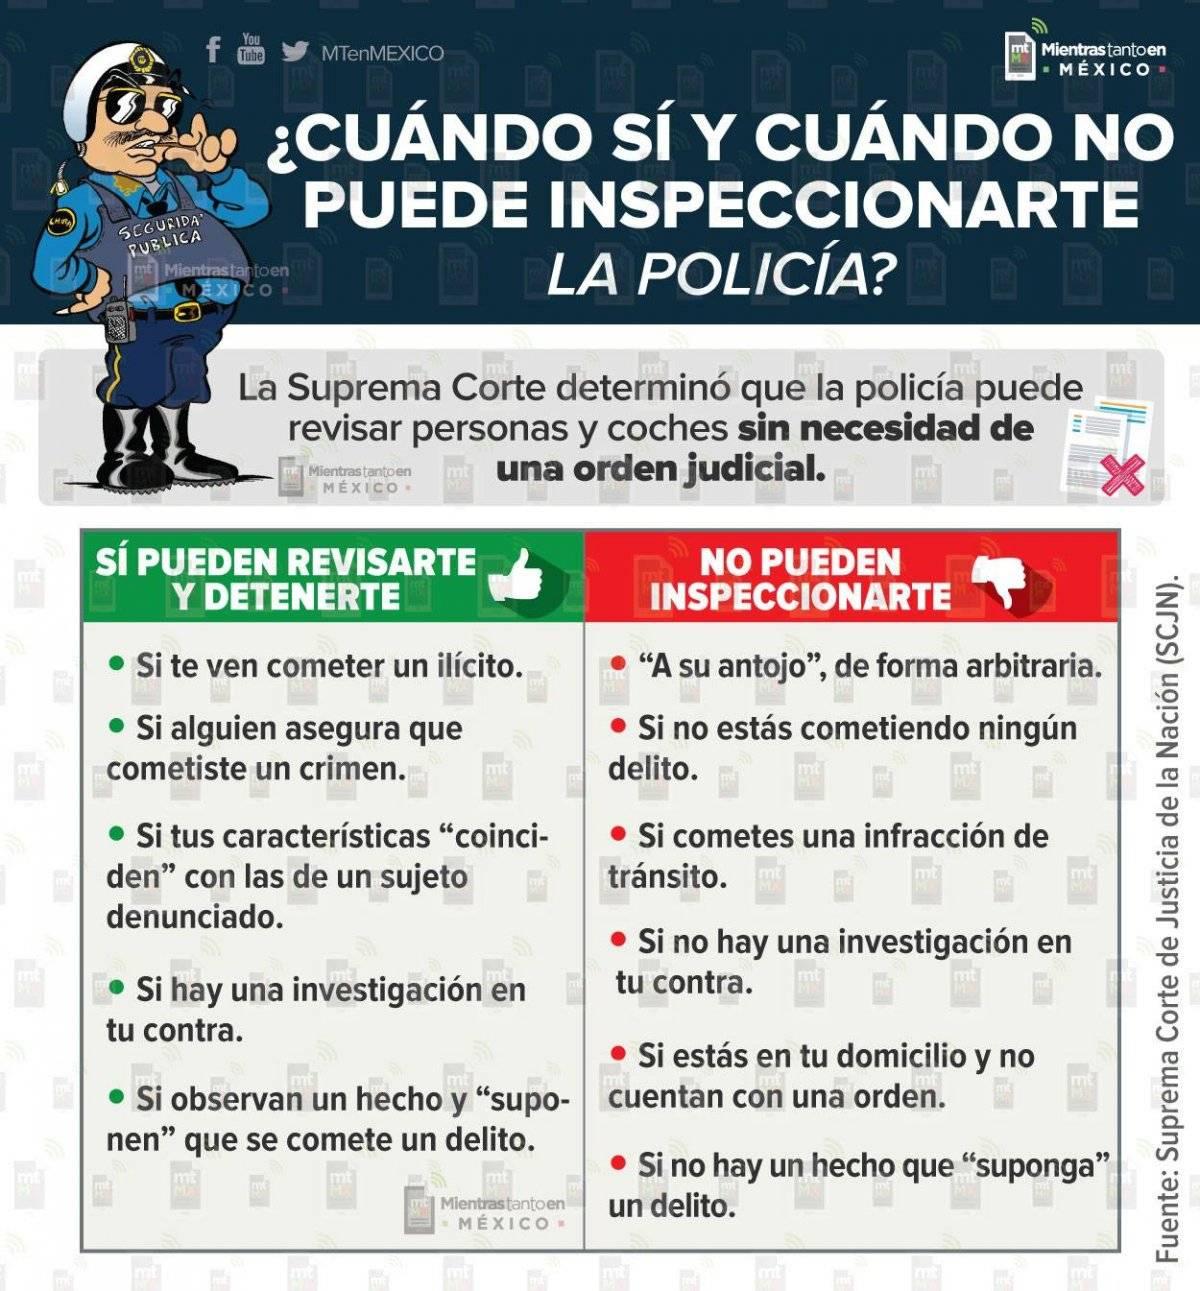 ¿Cuándo sí y cuándo no puede inspeccionarte la policía?